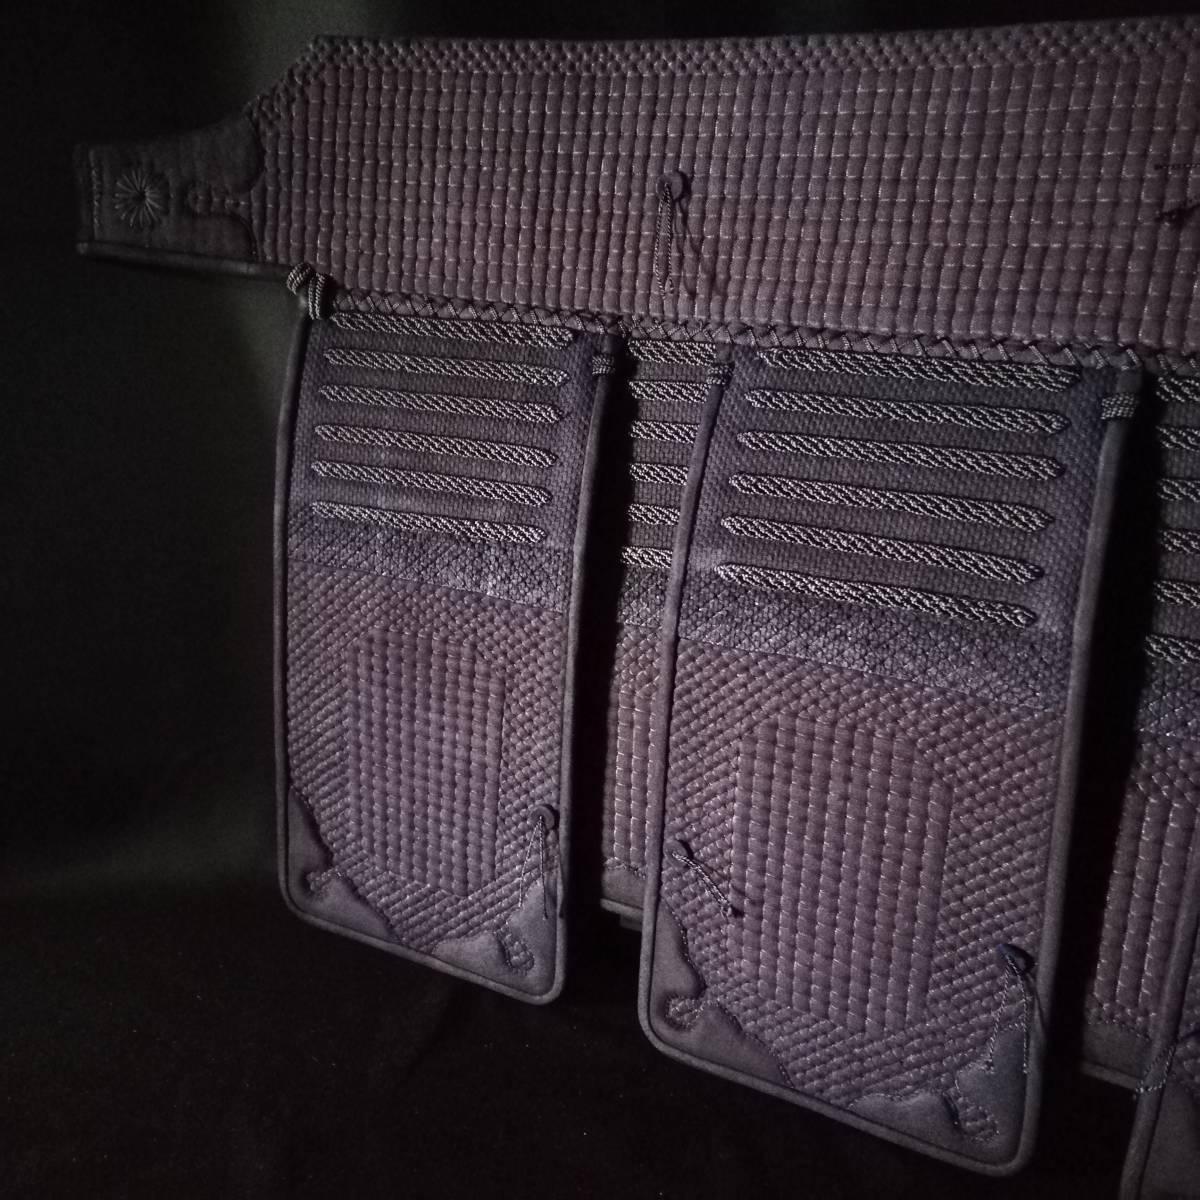 月産限定10セット オーダーメイド織刺2.5分手刺セット 選べる内輪素材 布団の長さ幅もお好みで 子供用可 _体格に適したサイズで製作致します